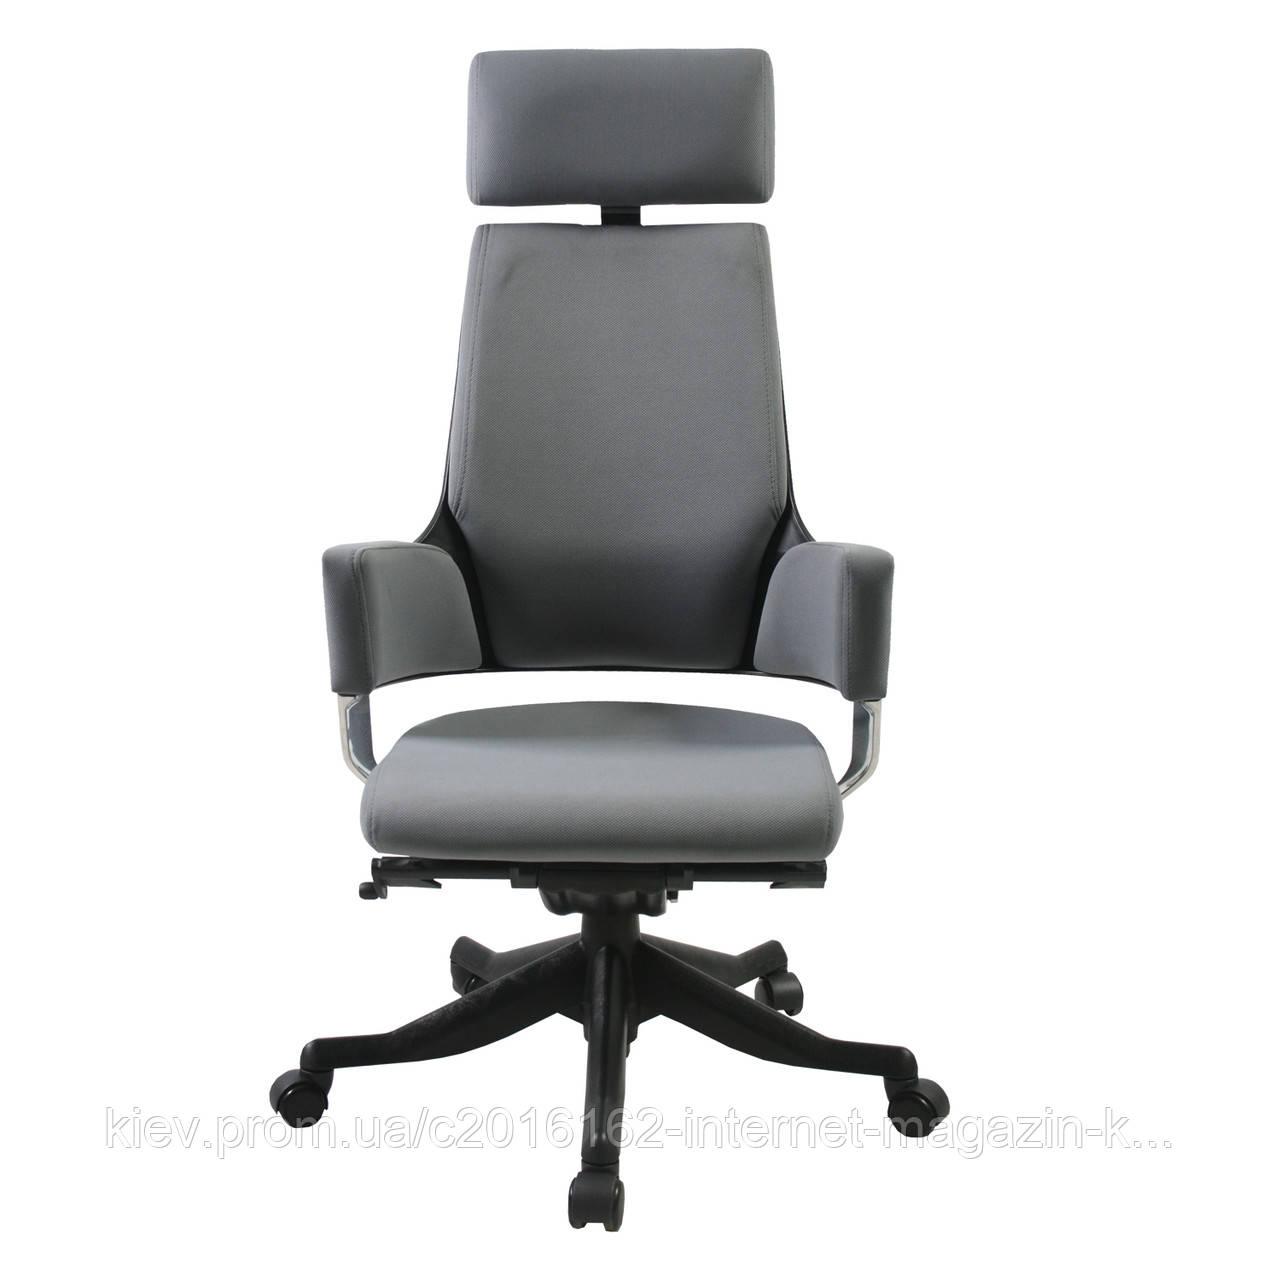 Кресло для руководителя кожаное серое DELPHI